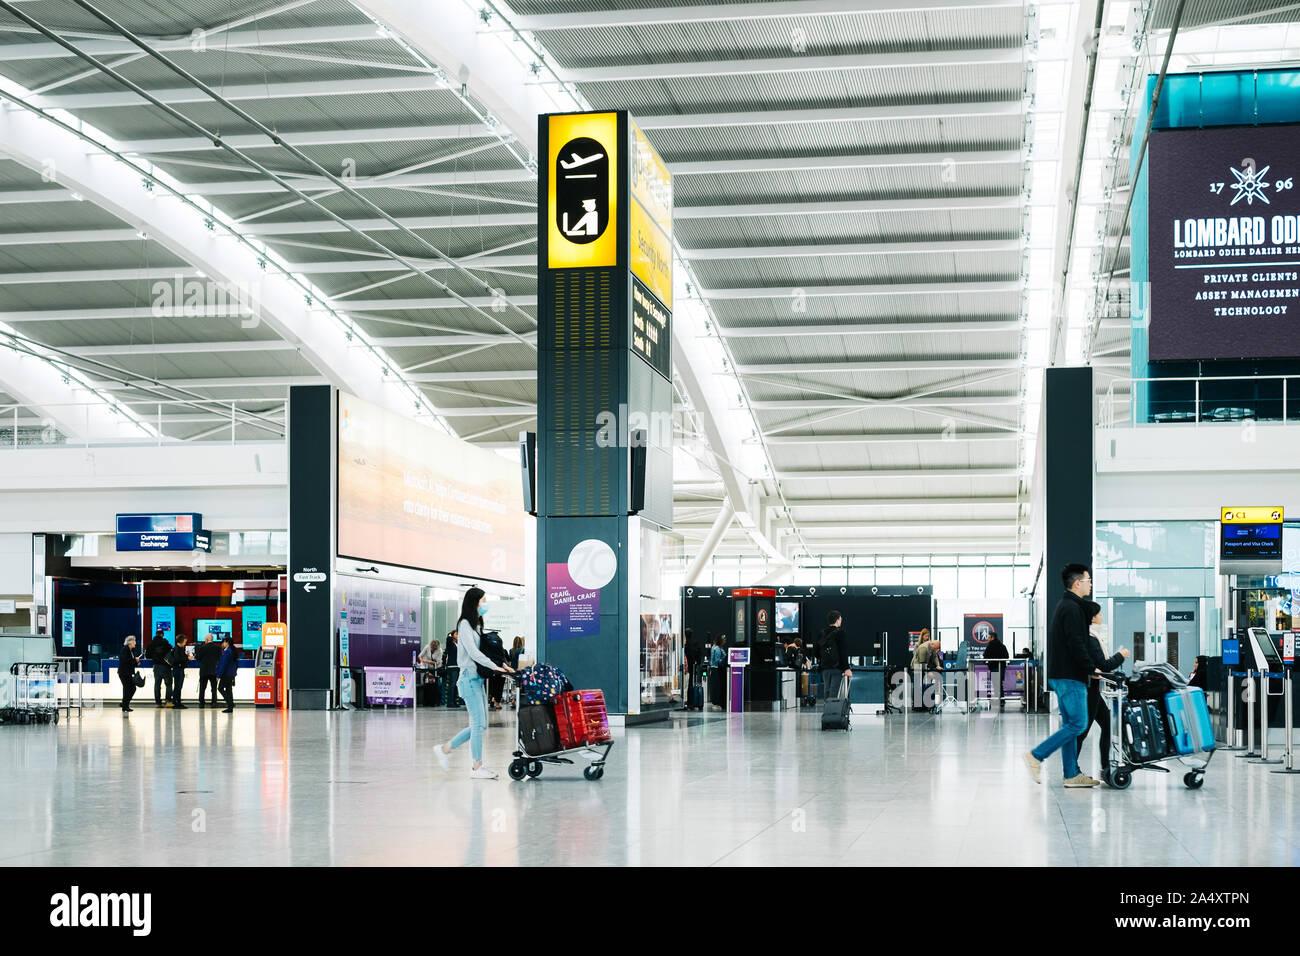 Les passagers à pied à l'intérieur de l'aéroport international de Londres Heathrow Terminal 5 hall des départs. Femme Asiatique porte un masque et pousse avec une assurance dans le panier. Banque D'Images